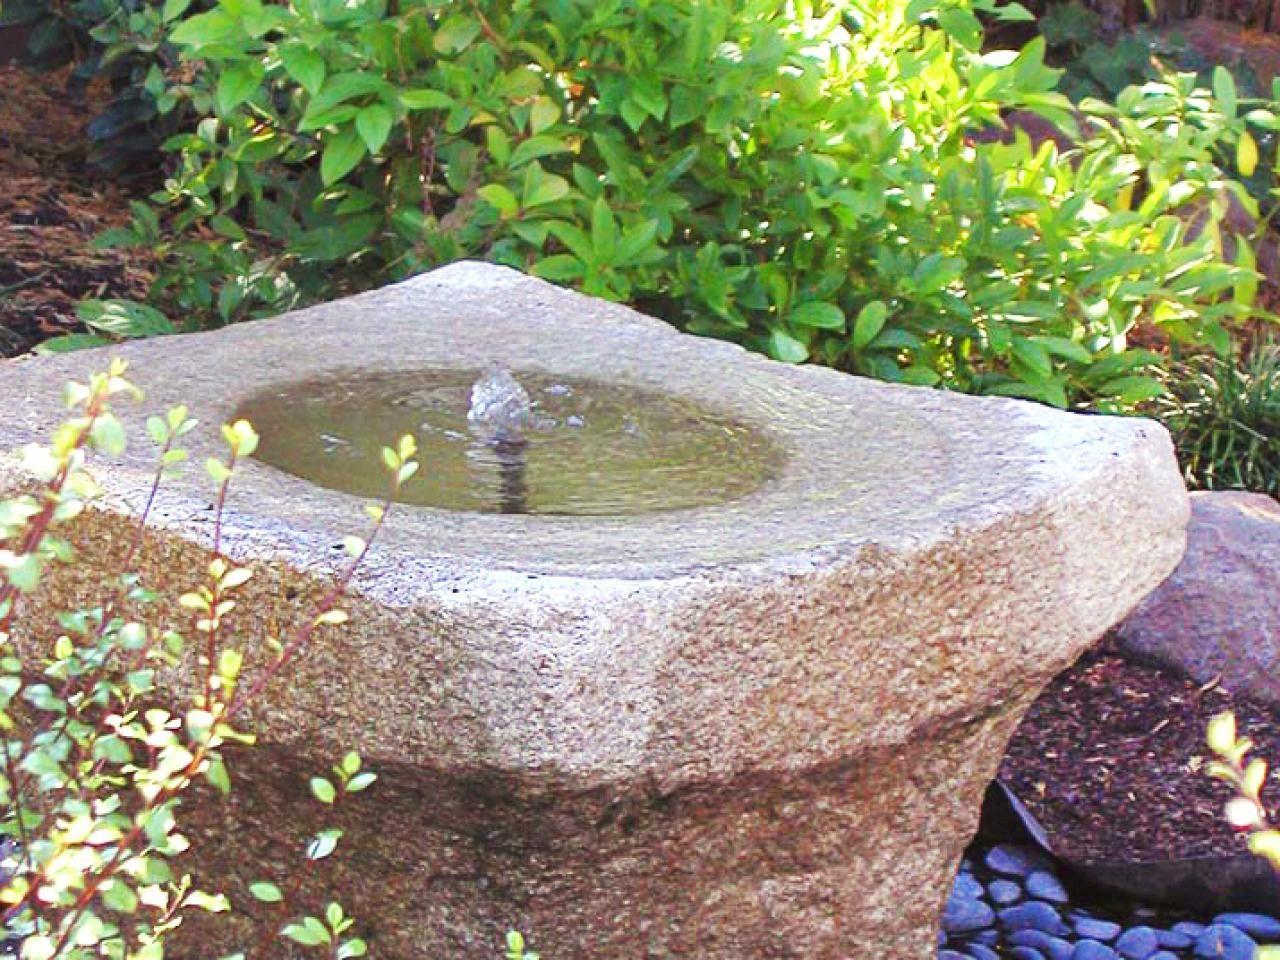 Brunnen, Garten Wasserspiele, Wasserelemente Im Freien, Stein Wasser  Eigenschaften, Kleines Wasser Eigenschaften